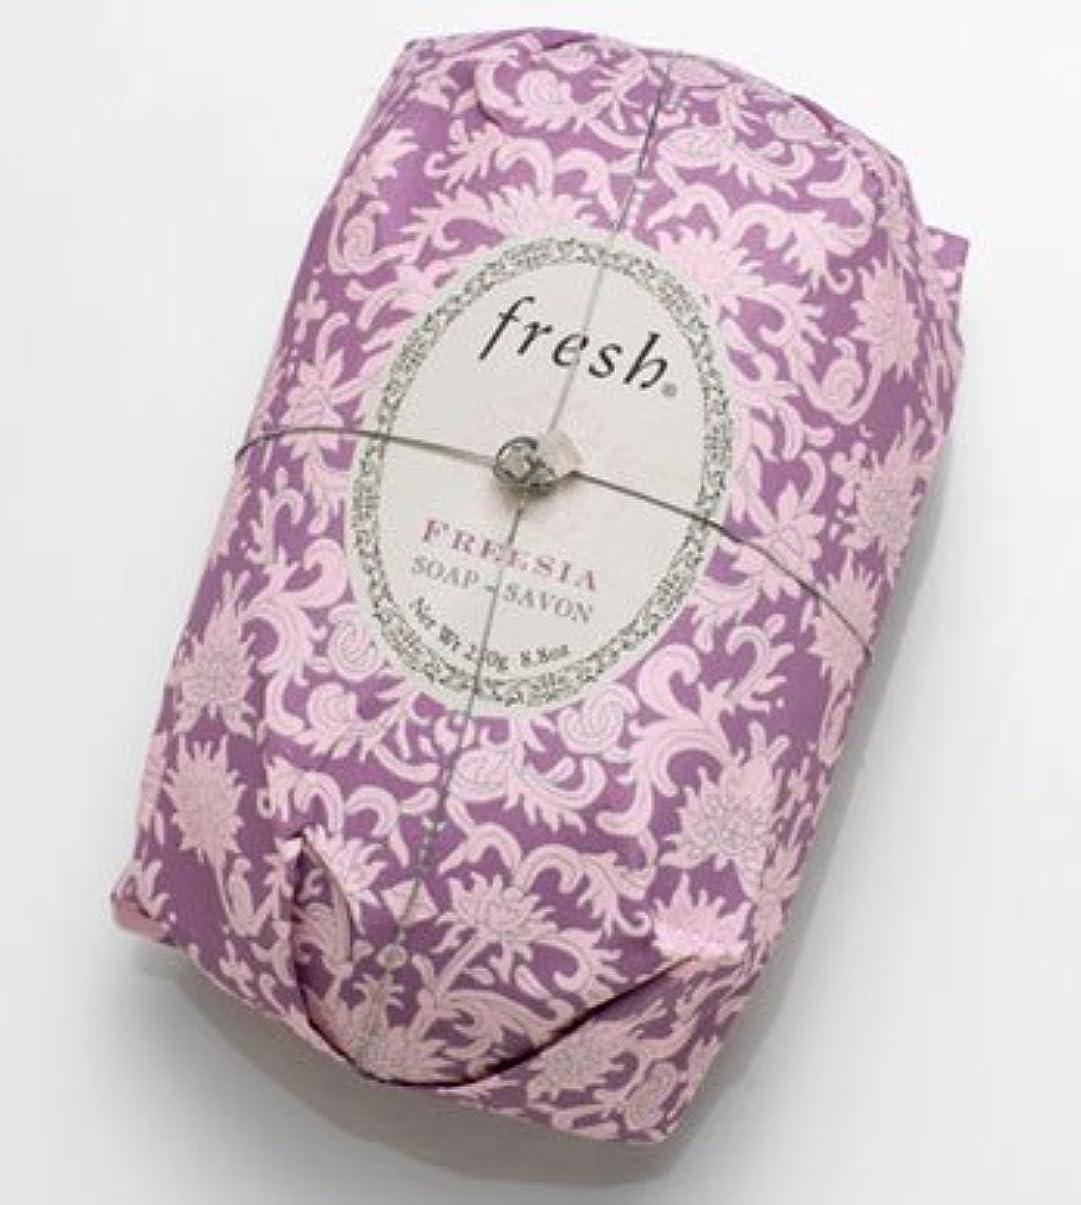 またねブッシュ鉛Fresh FREESIA  SOAP (フレッシュ フリージア ソープ) 8.8 oz (250g) Soap (石鹸) by Fresh